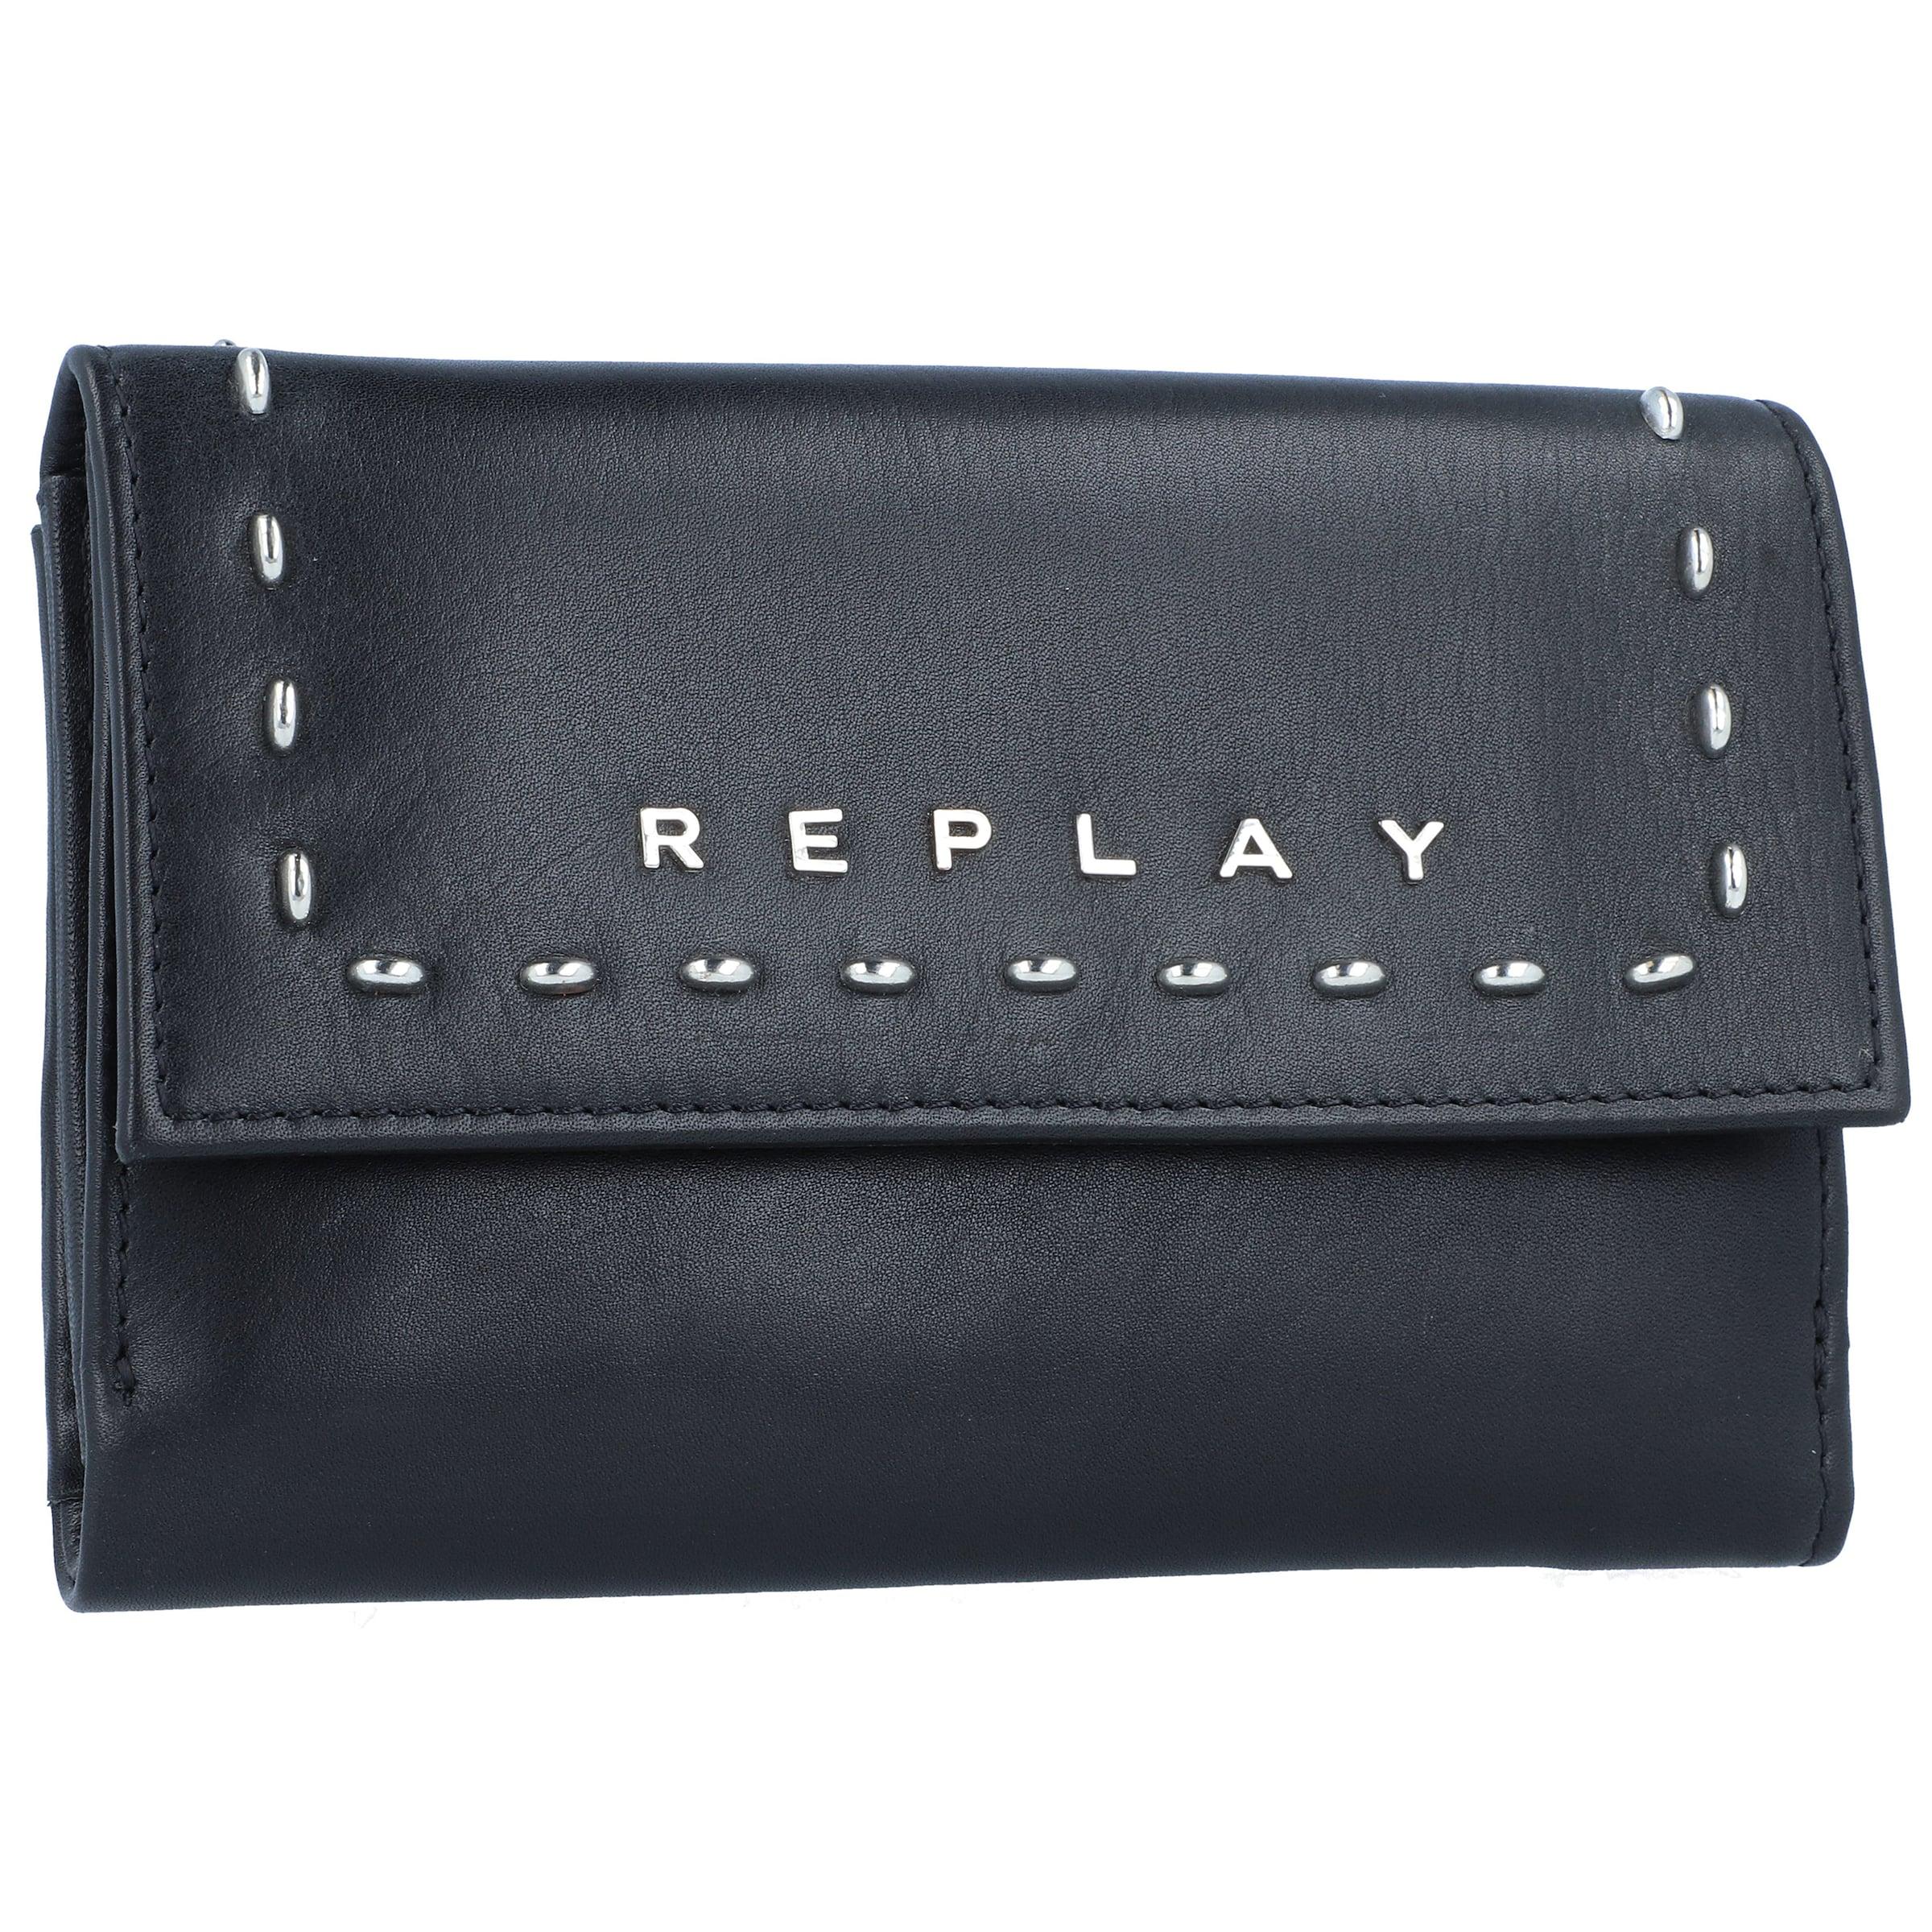 En Porte Porte En Replay monnaies Noir Replay Noir Replay Porte monnaies 0wPnkO